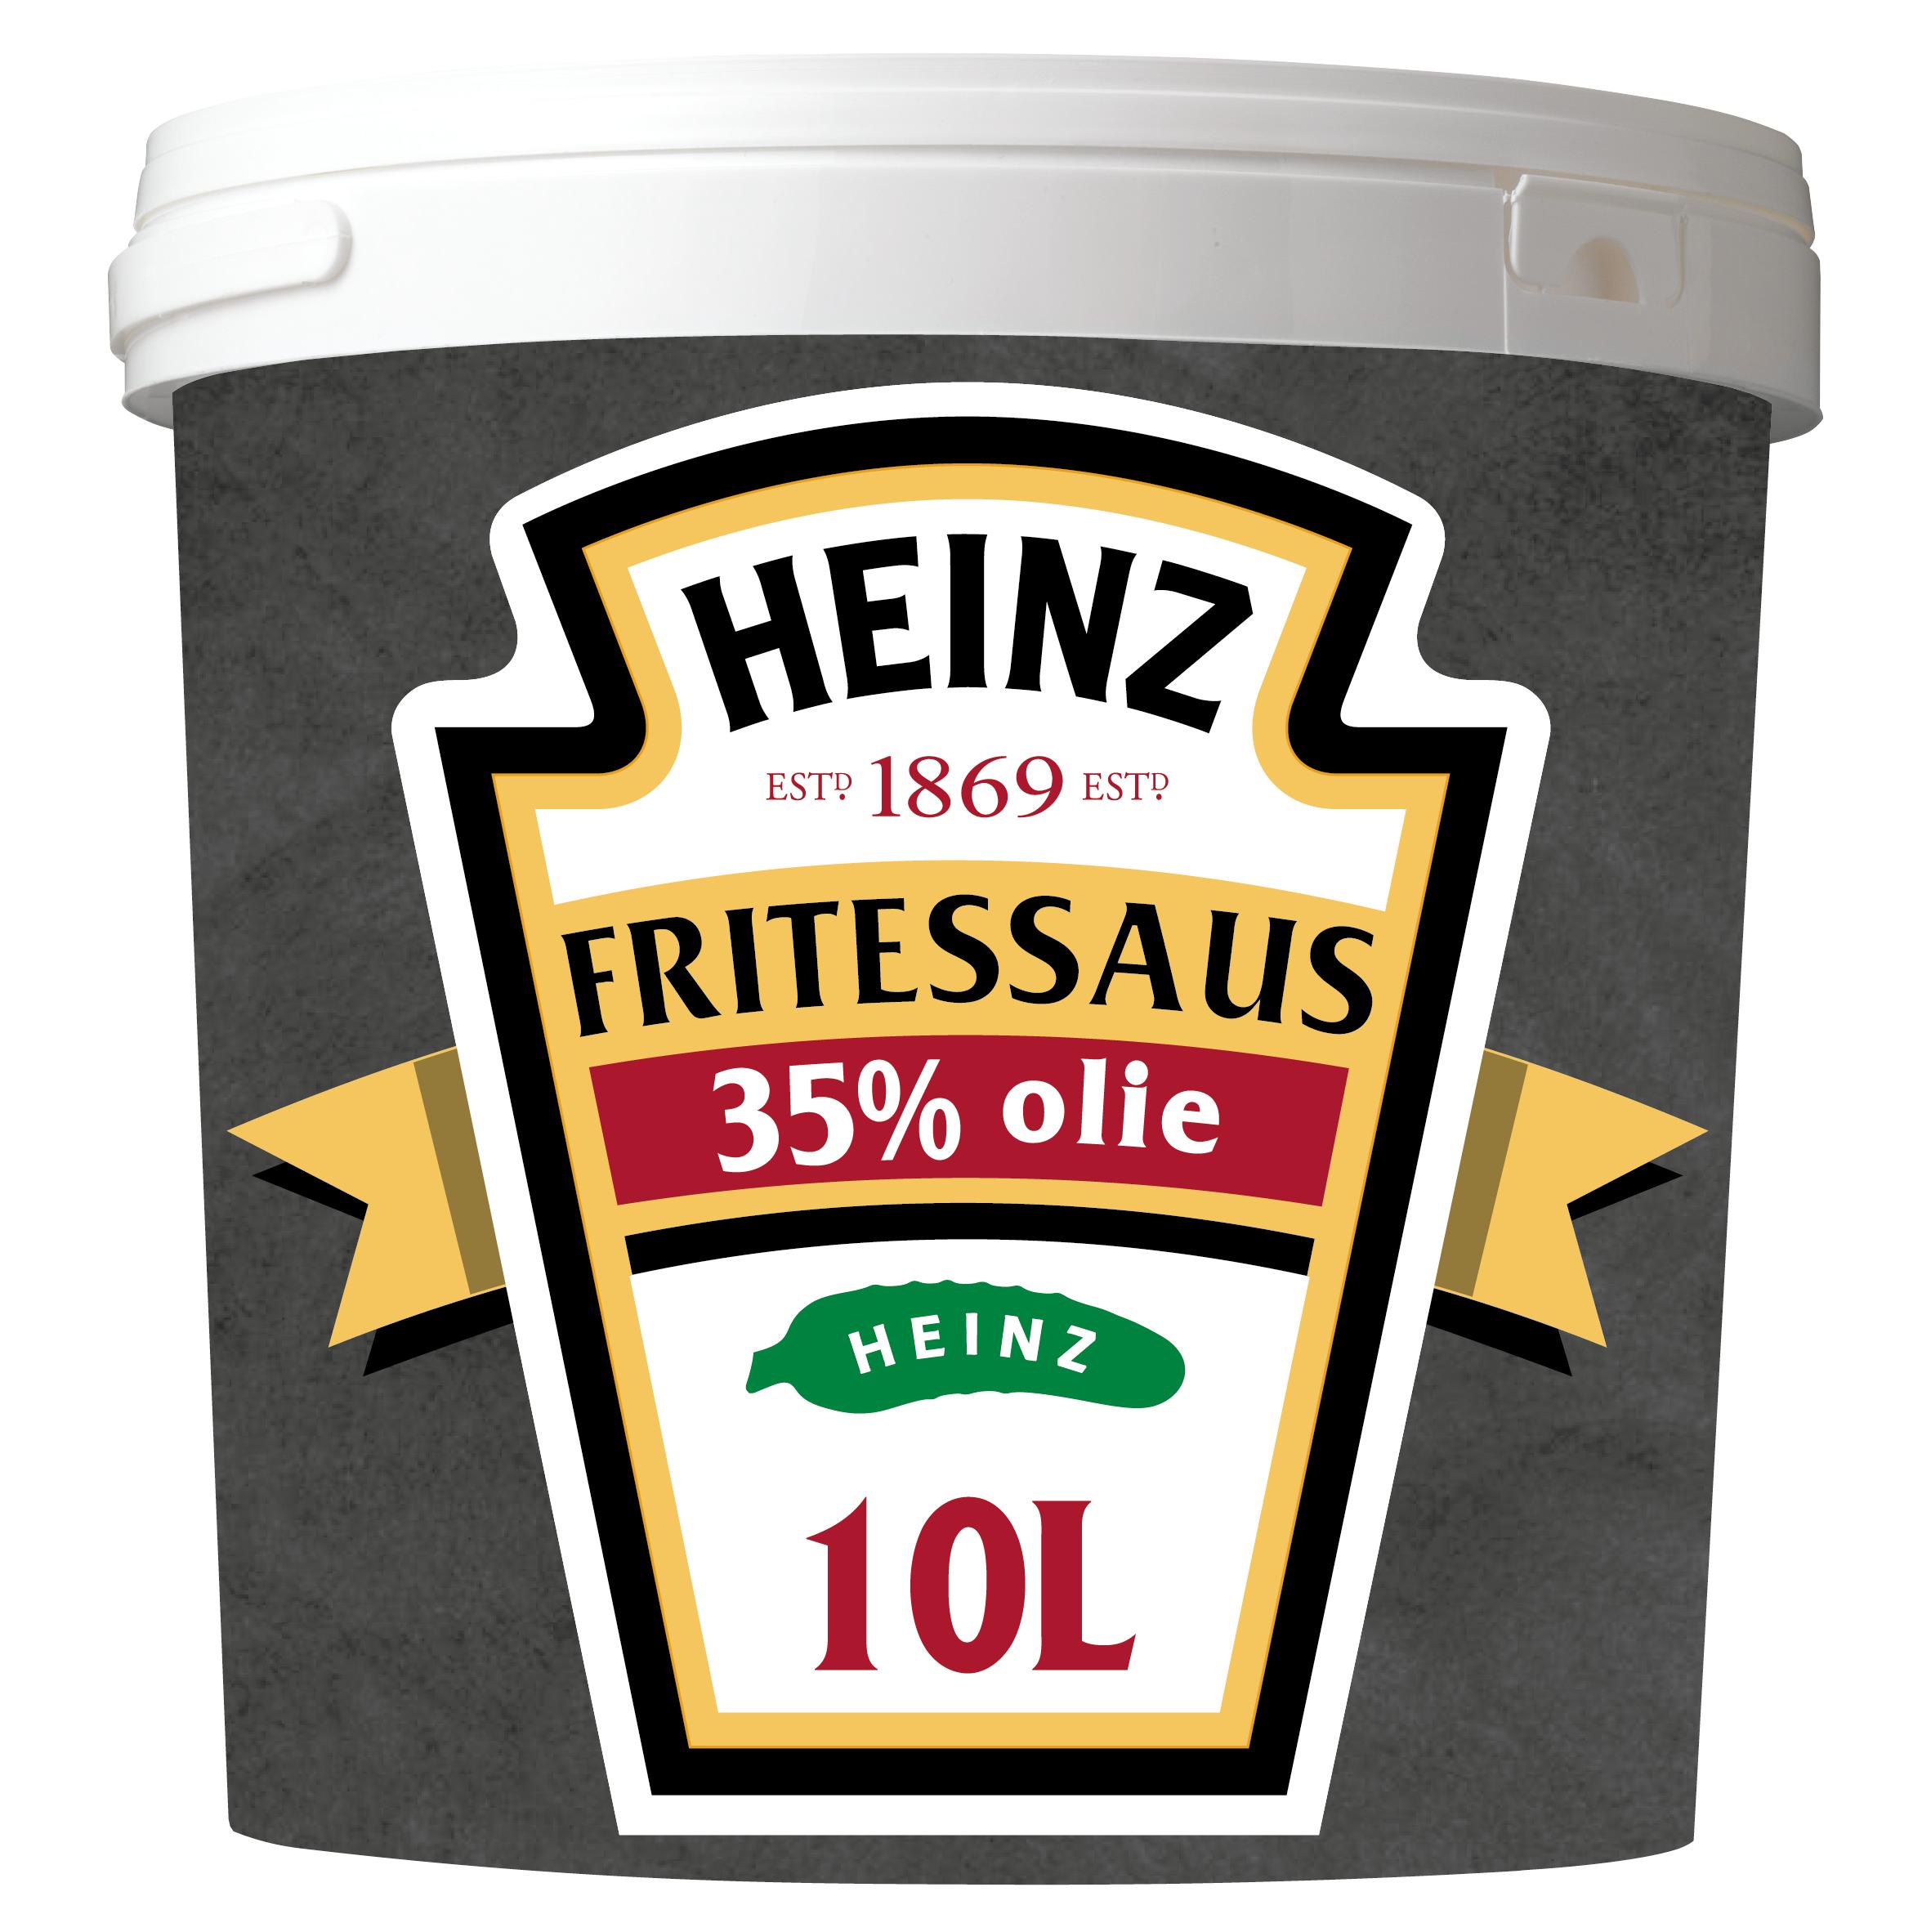 Heinz fritessaus 35% olie 10L emmer image